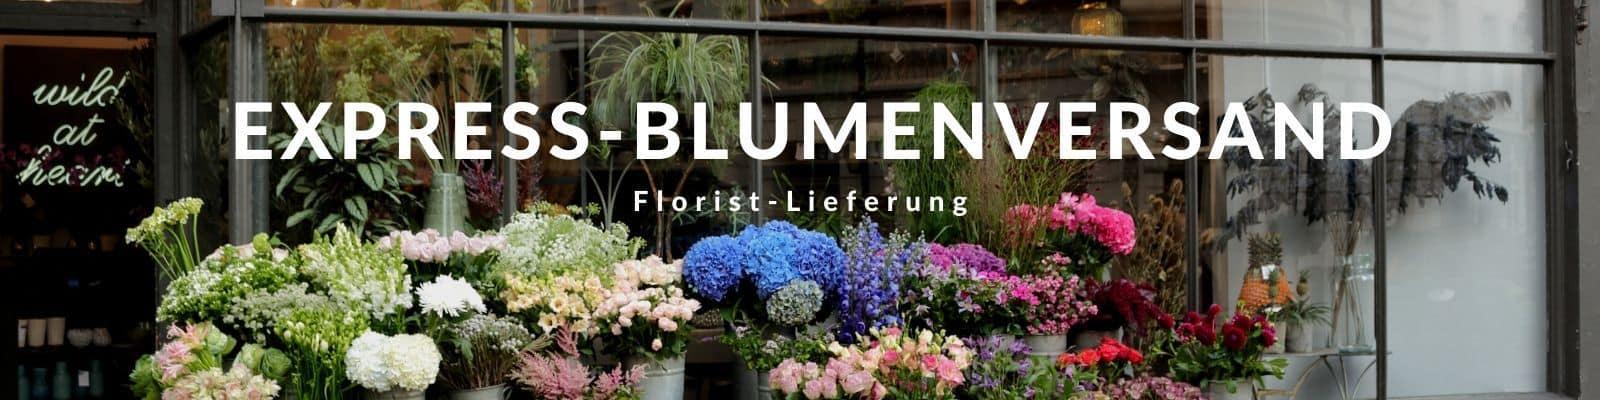 Express Blumen - Blumenversand Express - heute